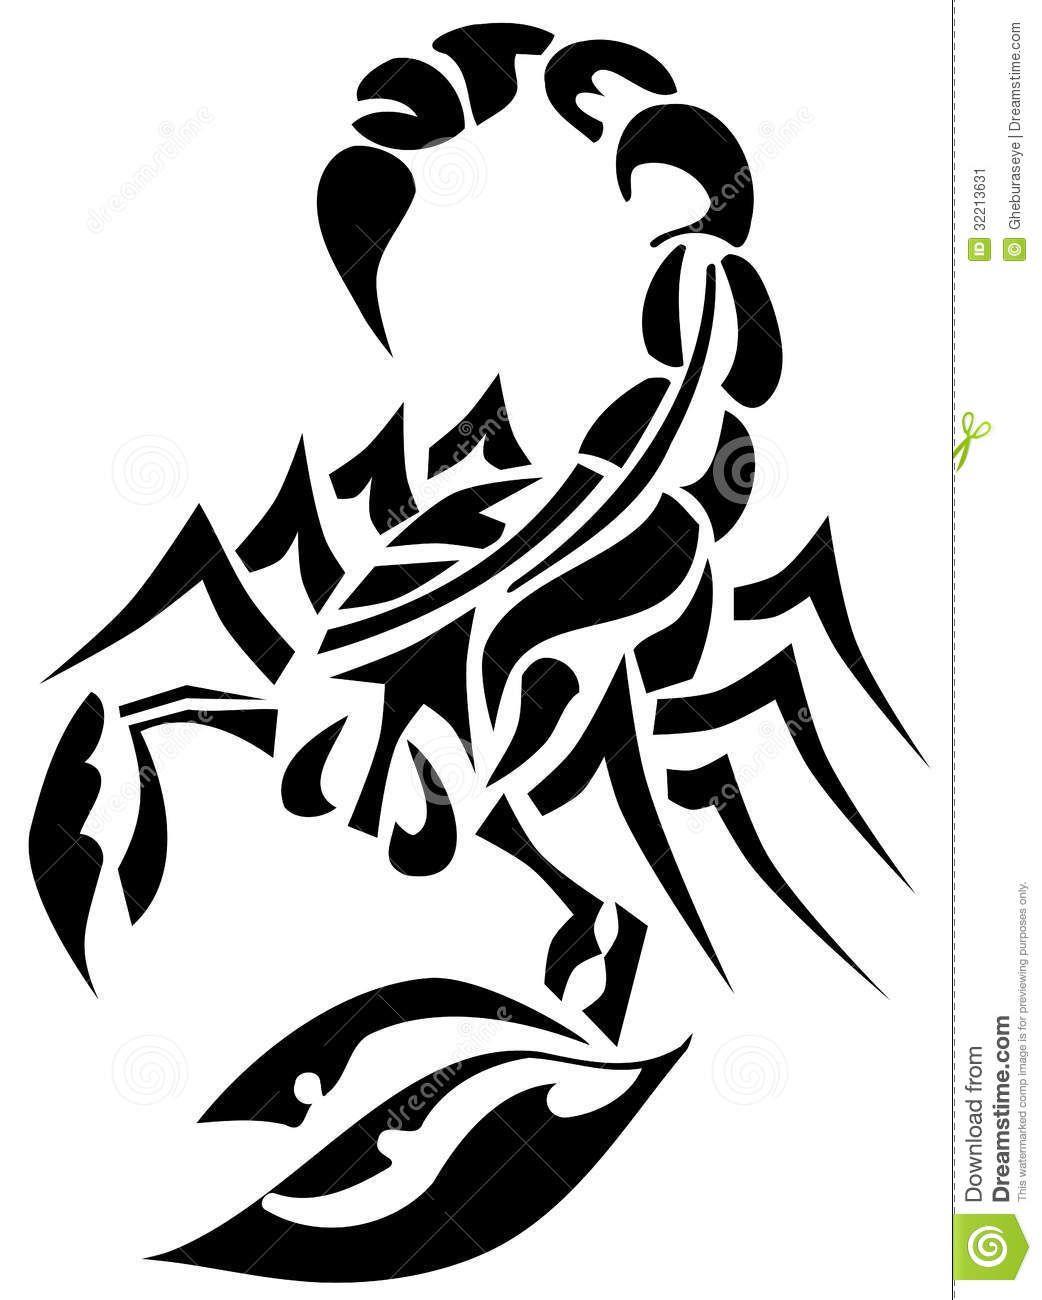 Tribal-Tattoos e038f16ec8a3639d0e611d3f8f030b8b